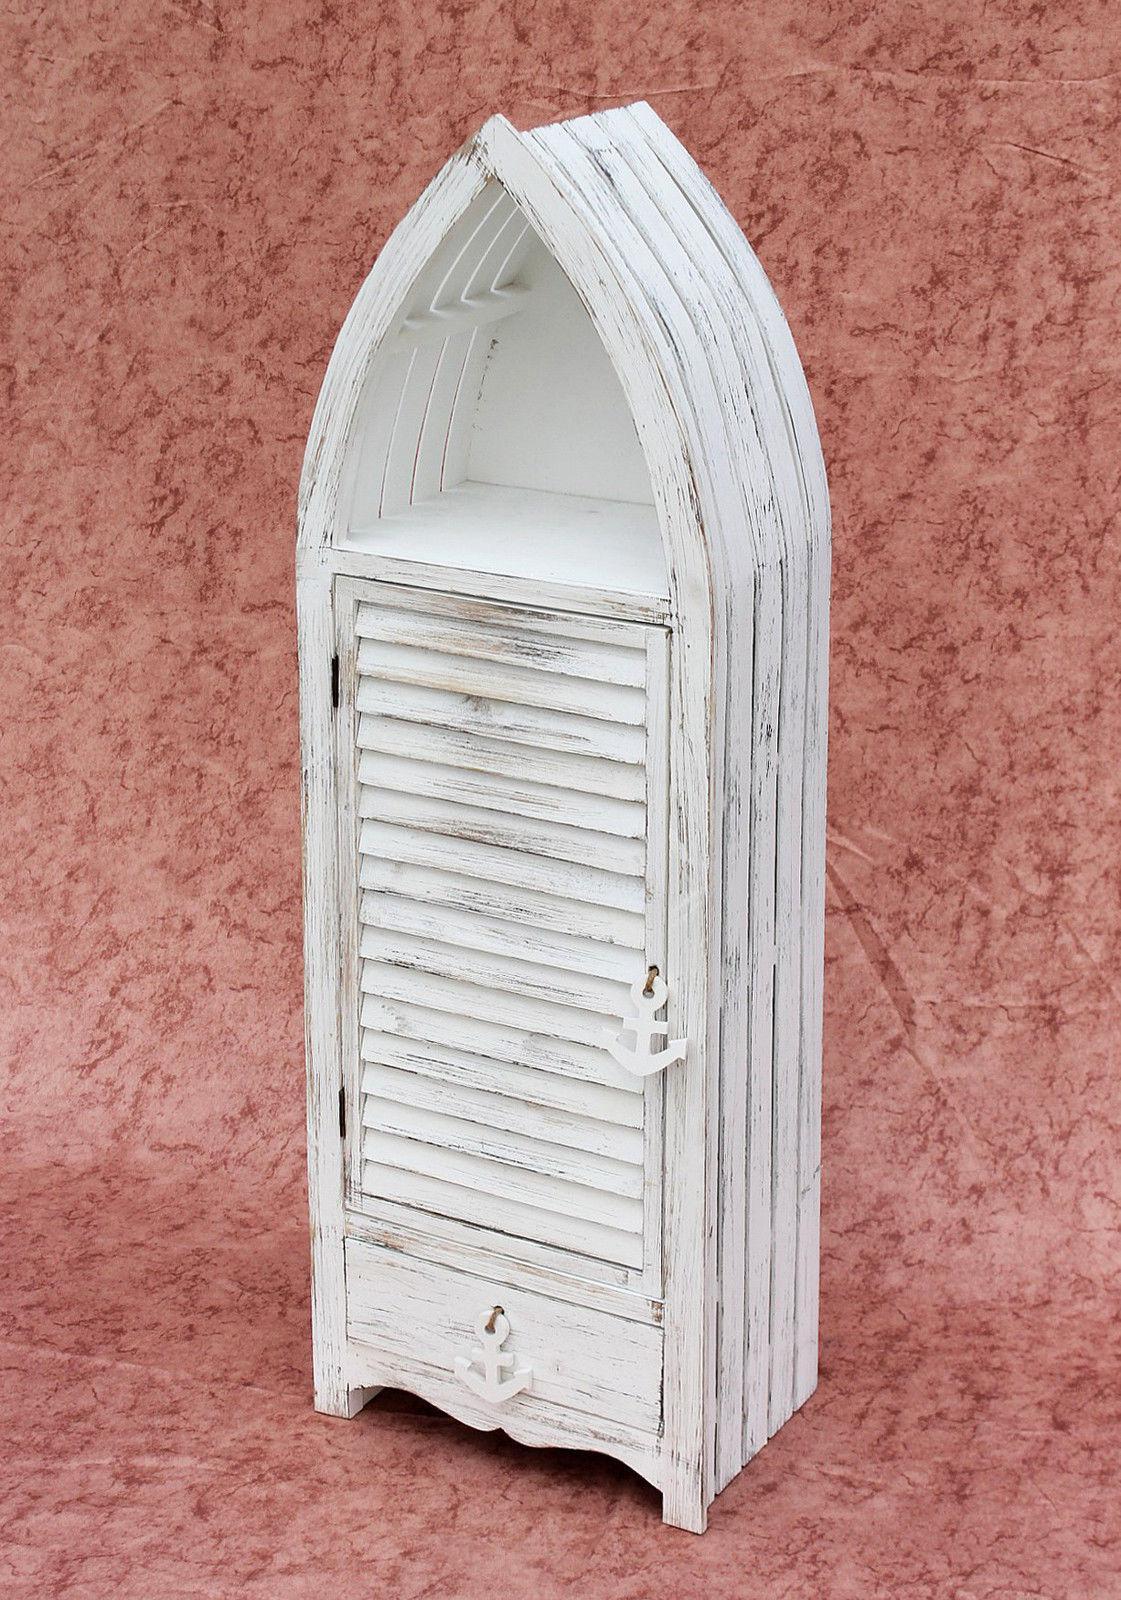 Barca armadio 1200012 xl scaffale 123cm mensola da bagno for Armadio bagno bianco